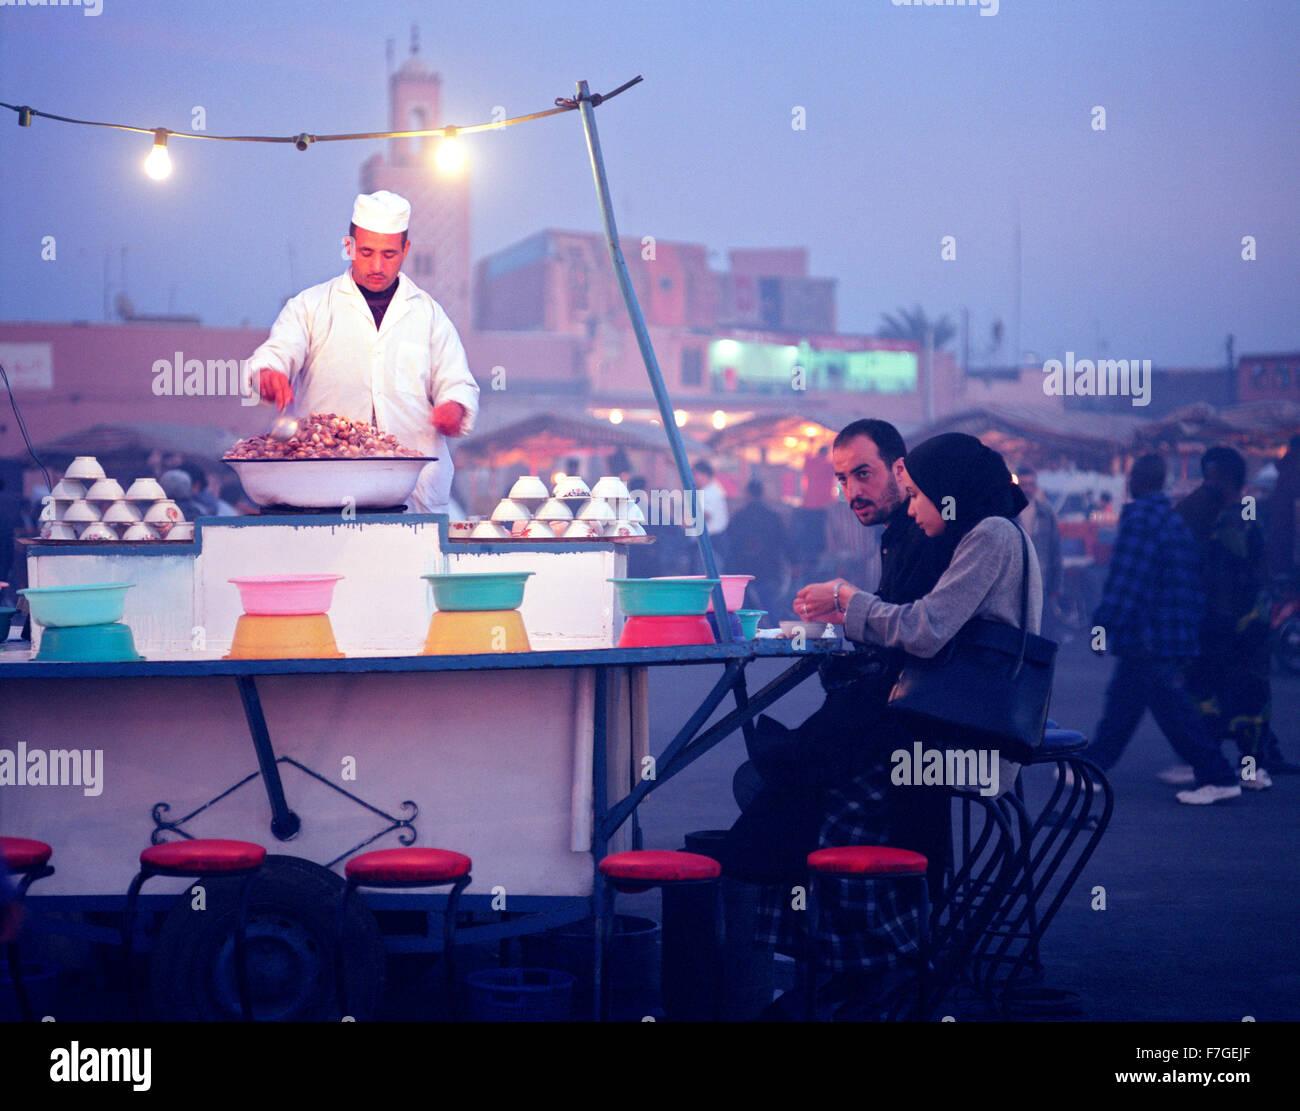 Eine Schnecke, Escargo, Garküche auf dem Lebensmittelmarkt Djemma el Fna in Marrakesch. Marokko Stockbild